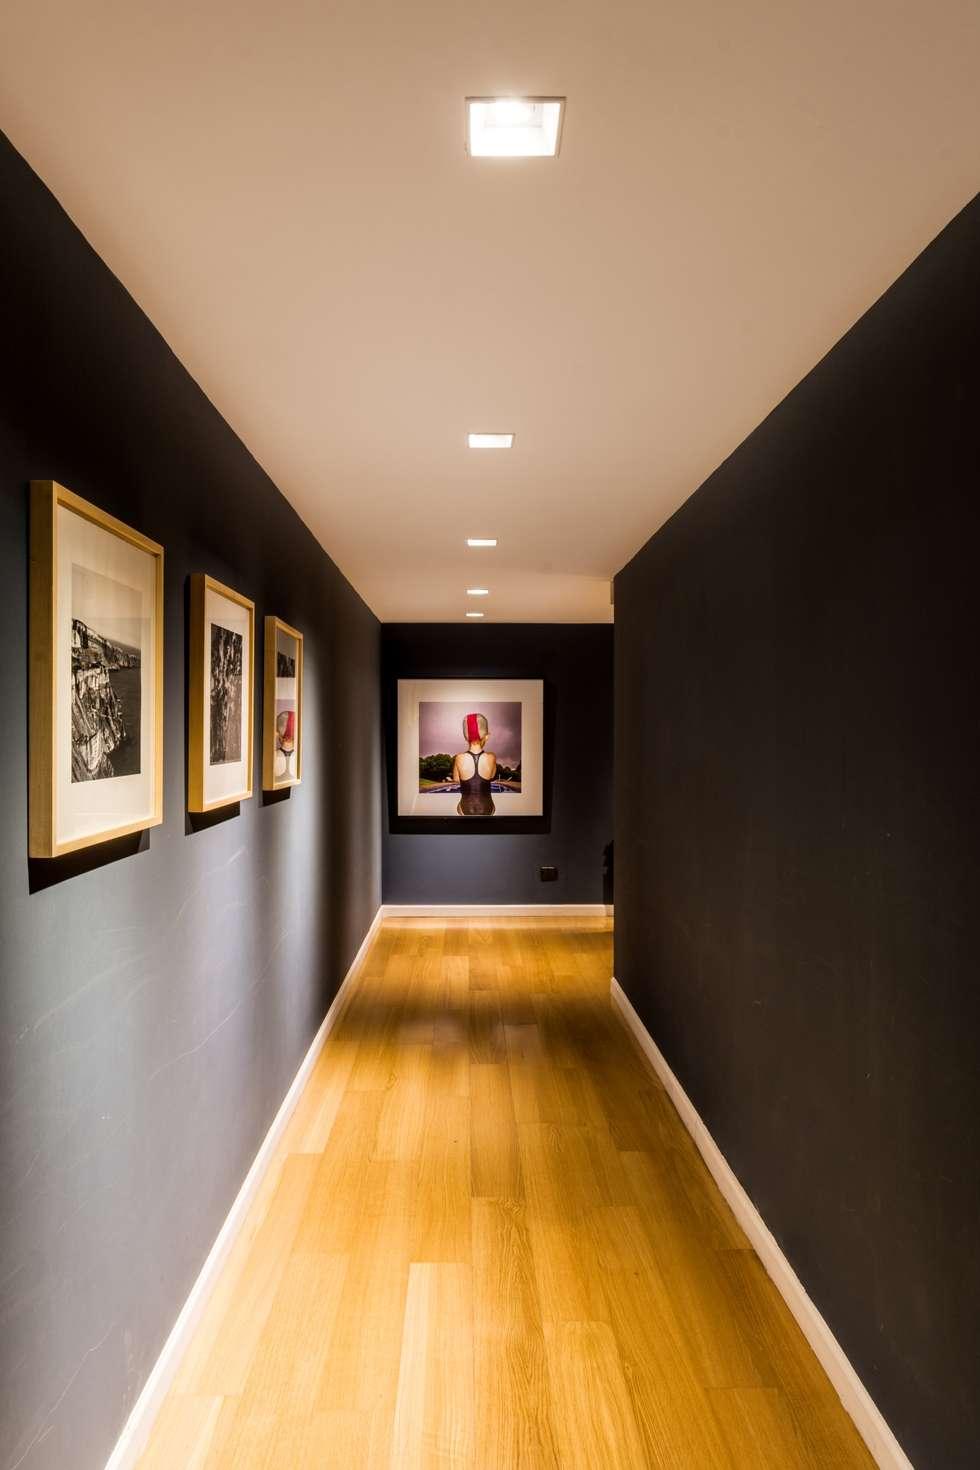 Im genes de decoraci n y dise o de interiores homify for Diseno pasillos interiores